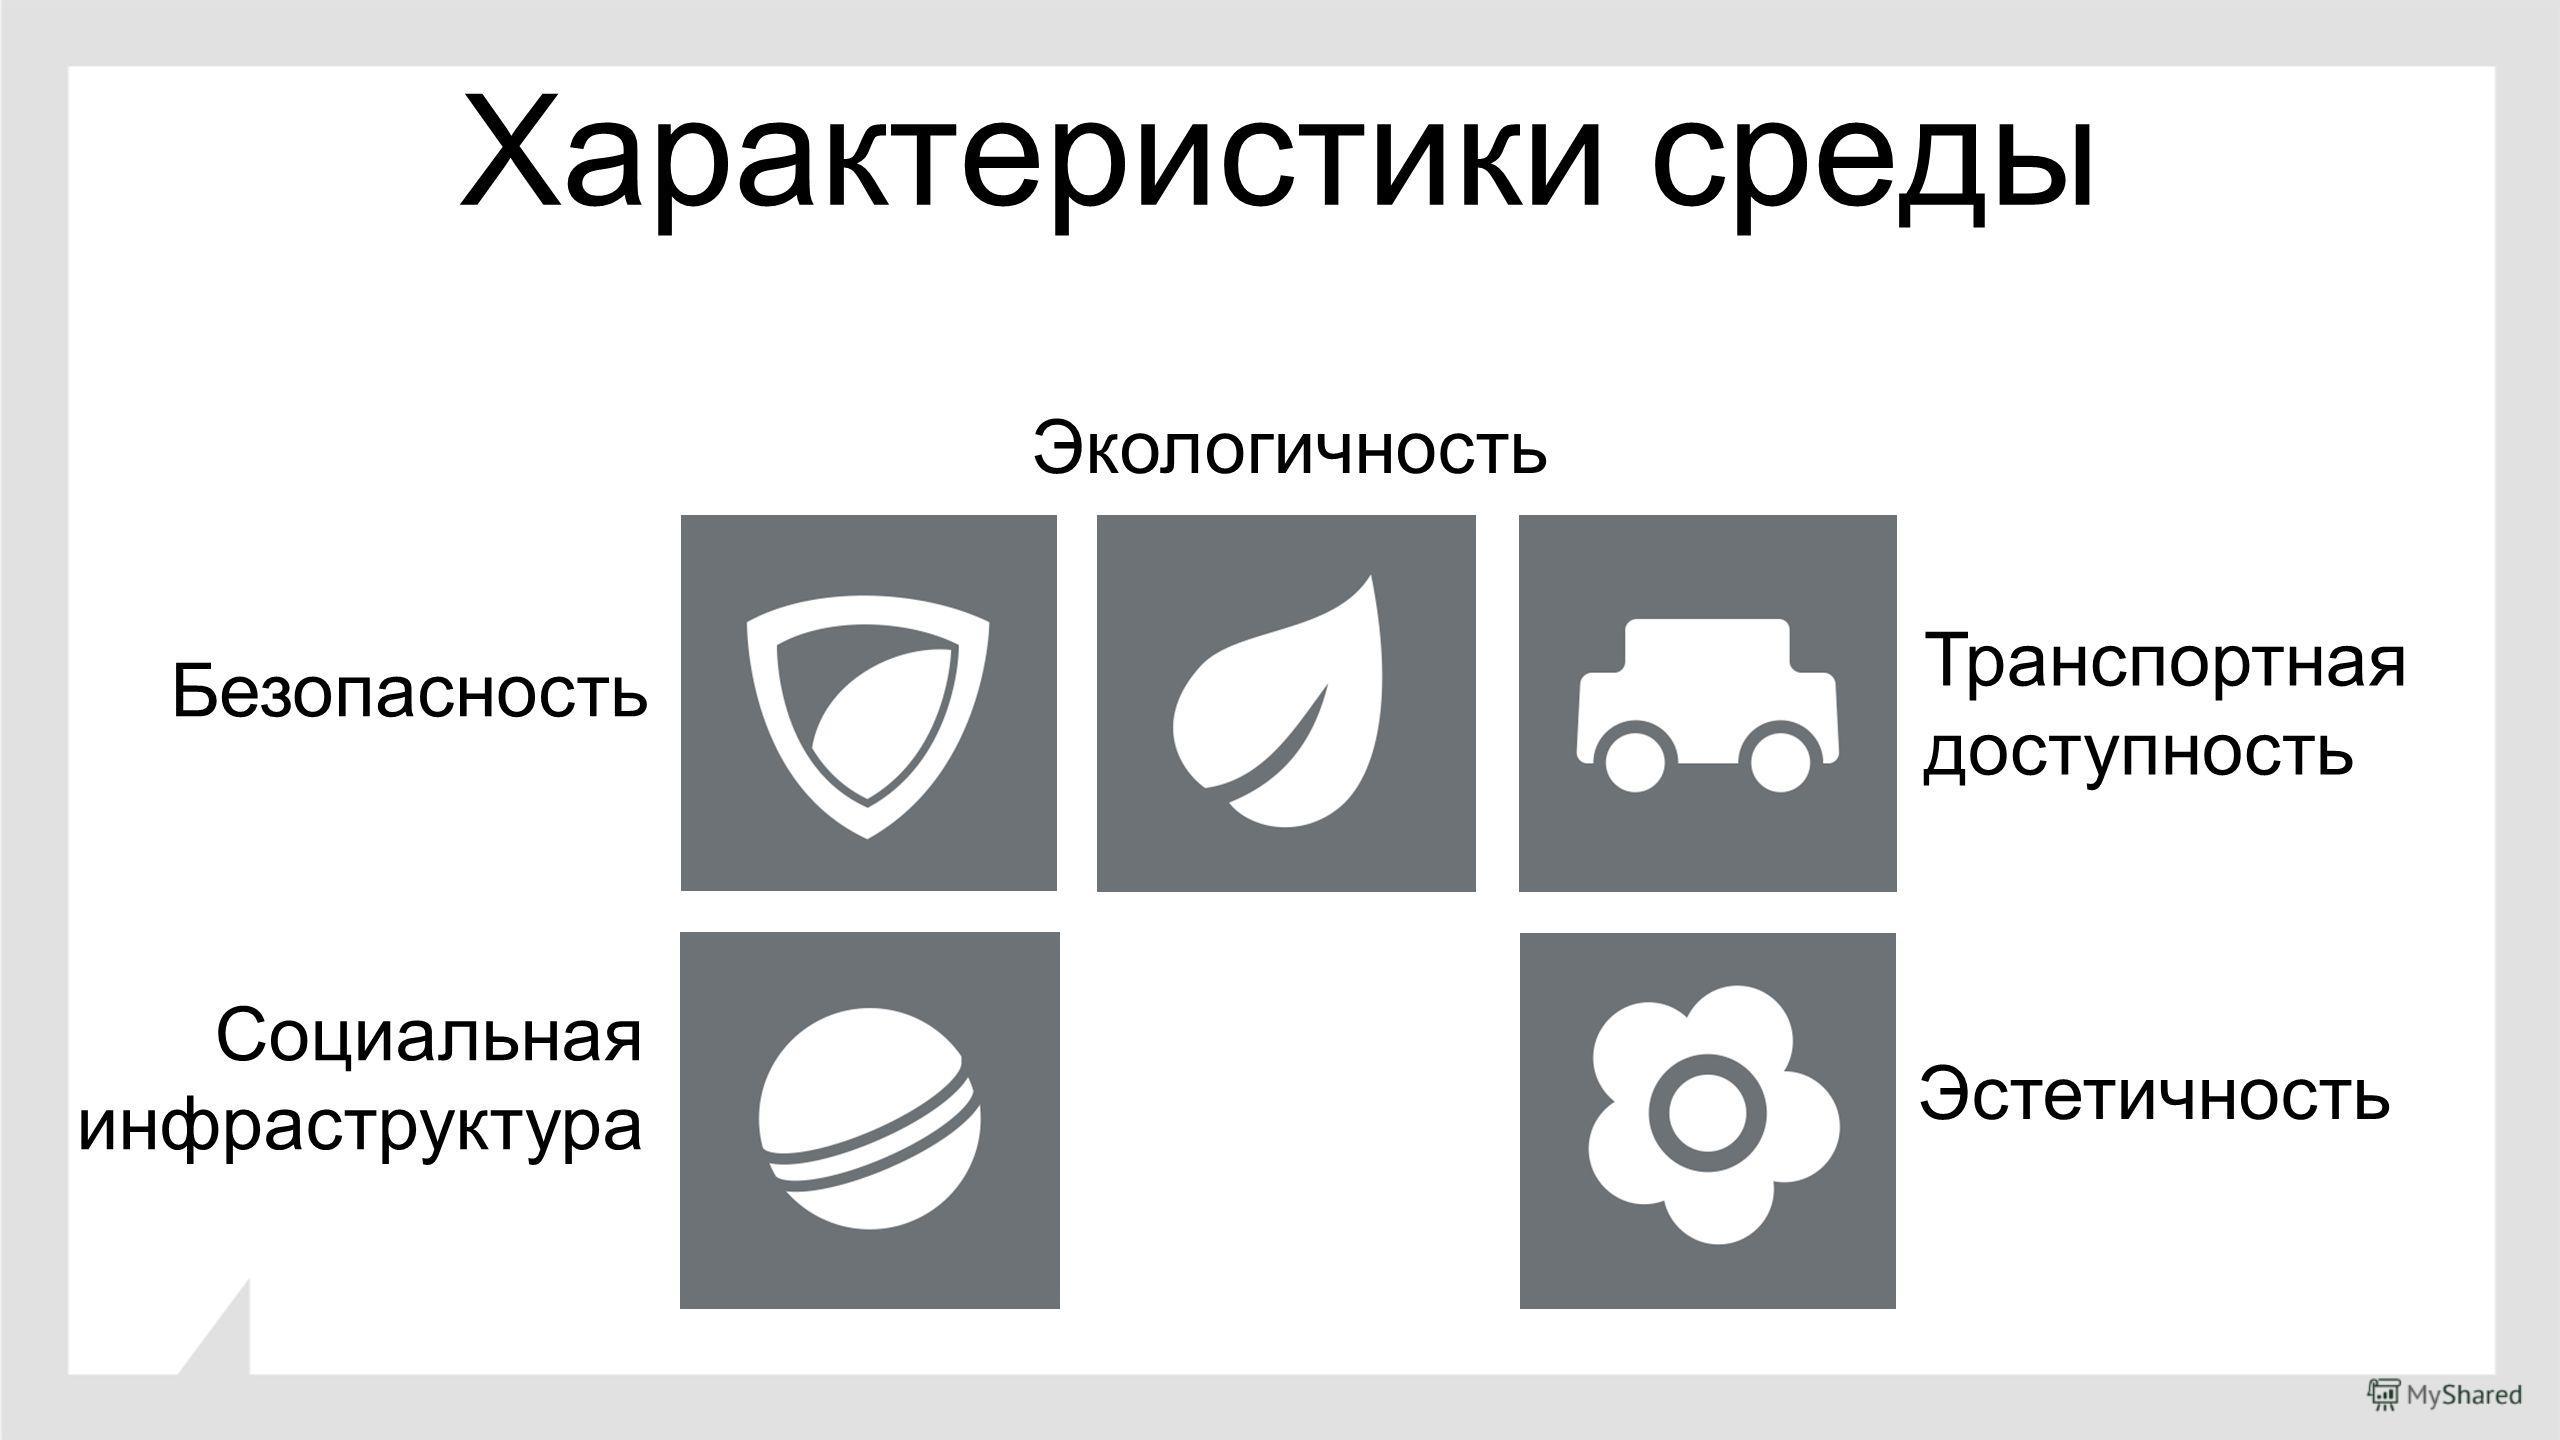 Характеристики среды Безопасность Экологичность Транспортная доступность Социальная инфраструктура Эстетичность